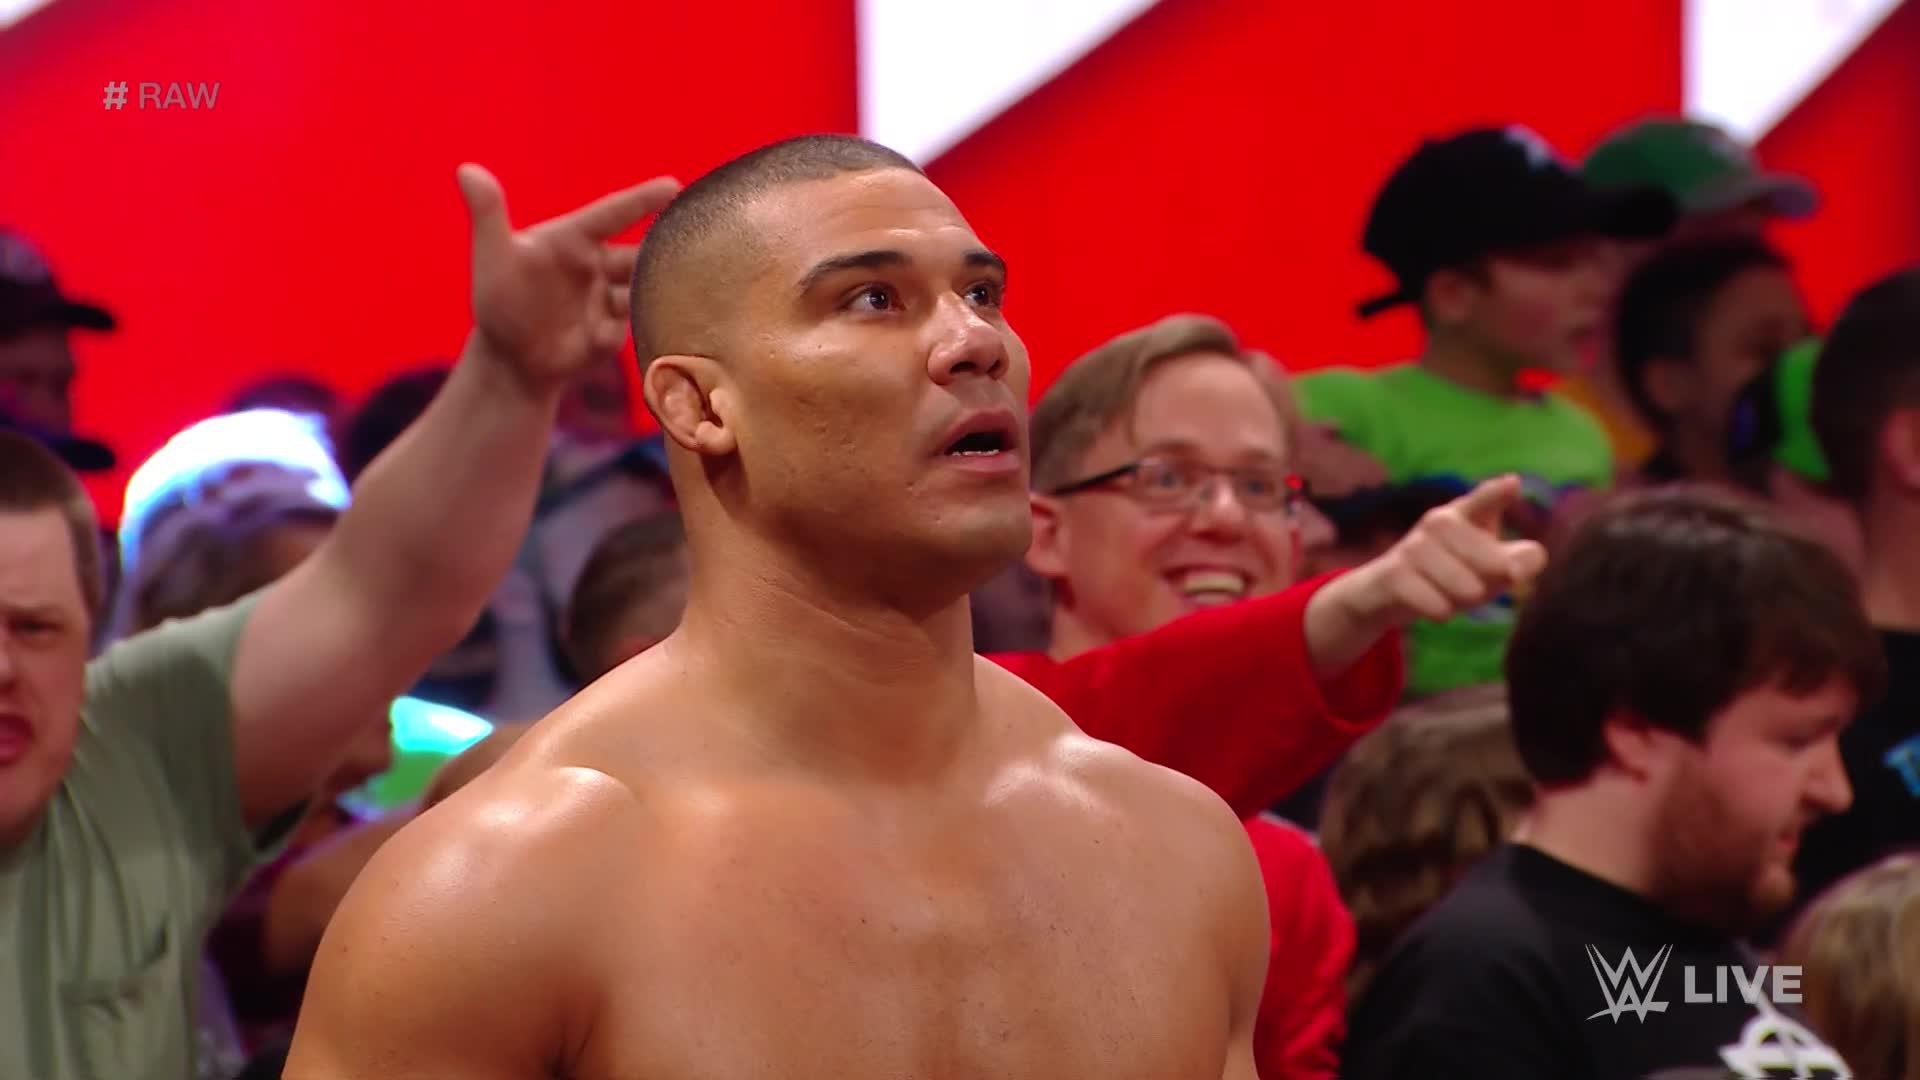 Cesaro & Sheamus vs. Roman Reigns & Seth Rollins - Match pour les Titres par Équipes de Raw: Raw, 5 Février 2018.